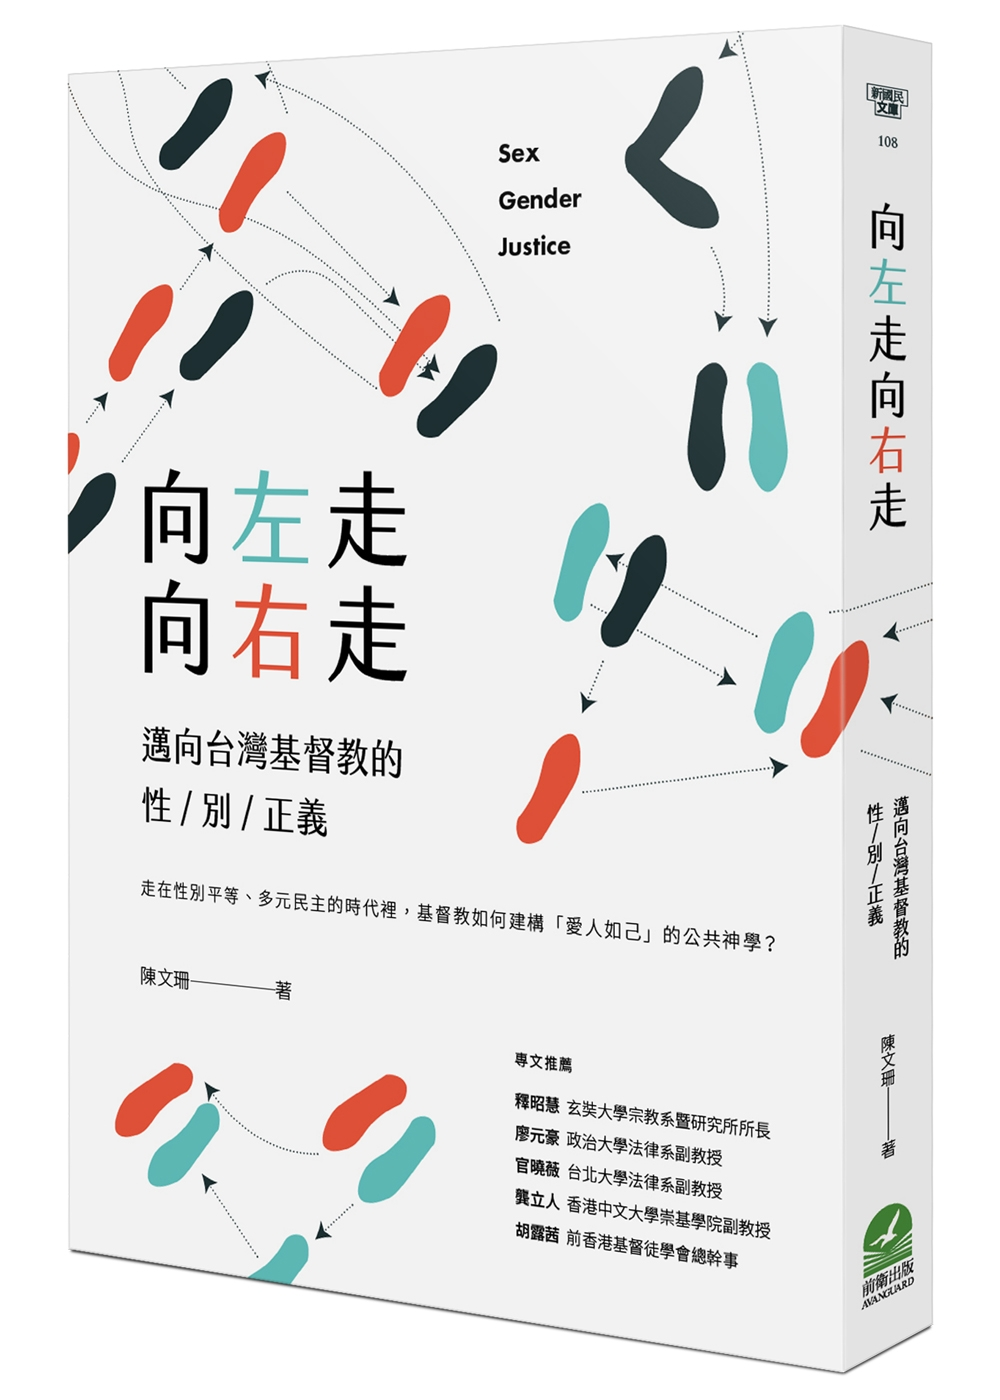 向左走向右走:邁向台灣基督教的性/別/正義